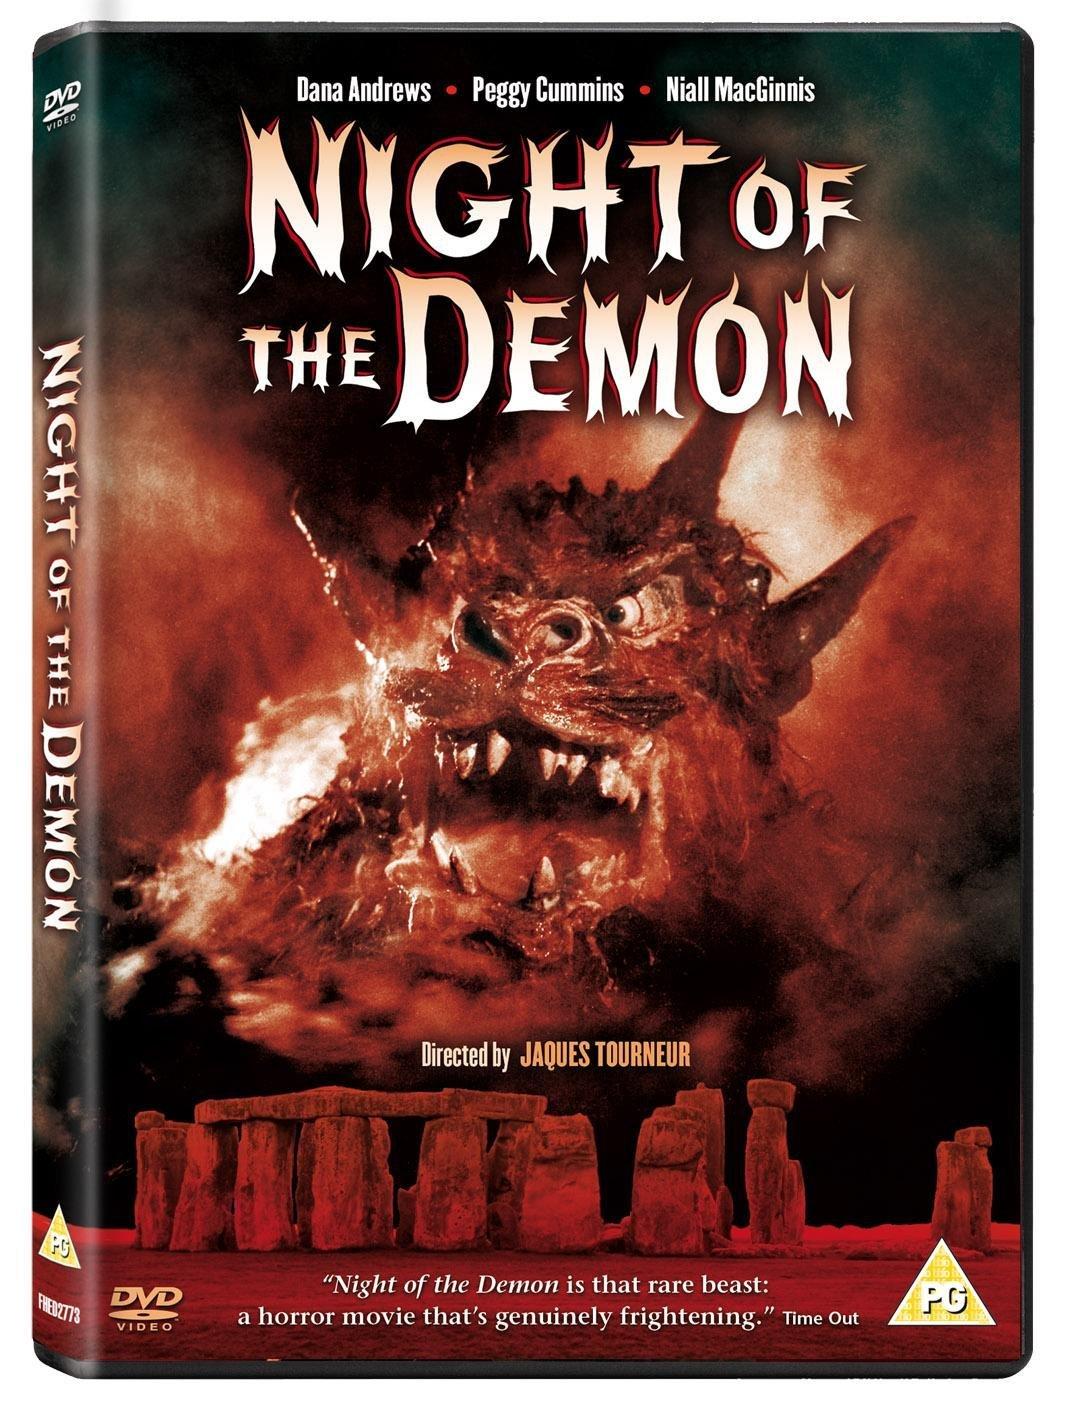 Cine fantástico, terror, ciencia-ficción... recomendaciones, noticias, etc - Página 11 81oWpk6PluL._SL1417_